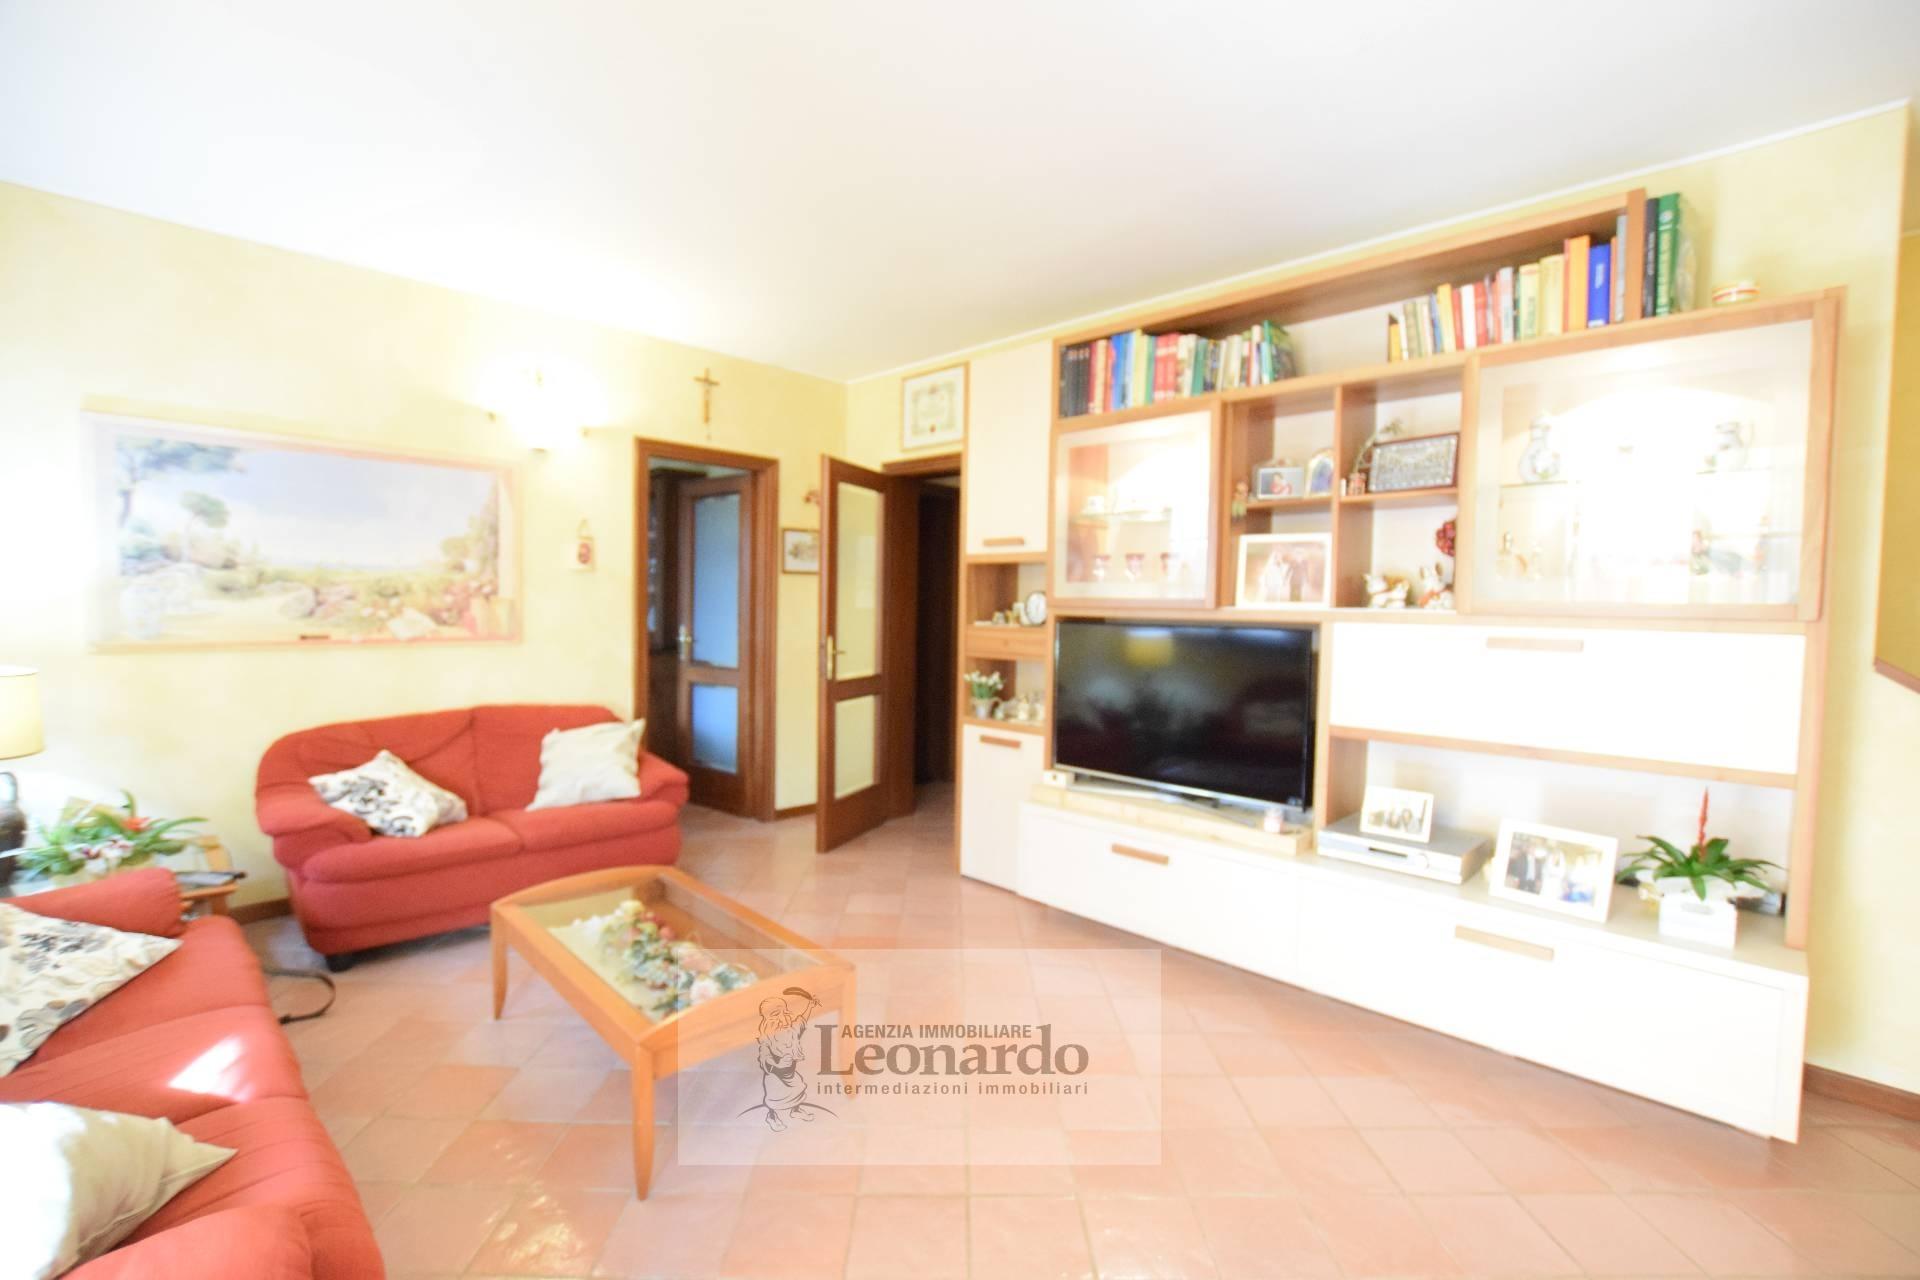 Villa in vendita a Viareggio, 6 locali, zona Località: Terminetto, prezzo € 390.000 | CambioCasa.it